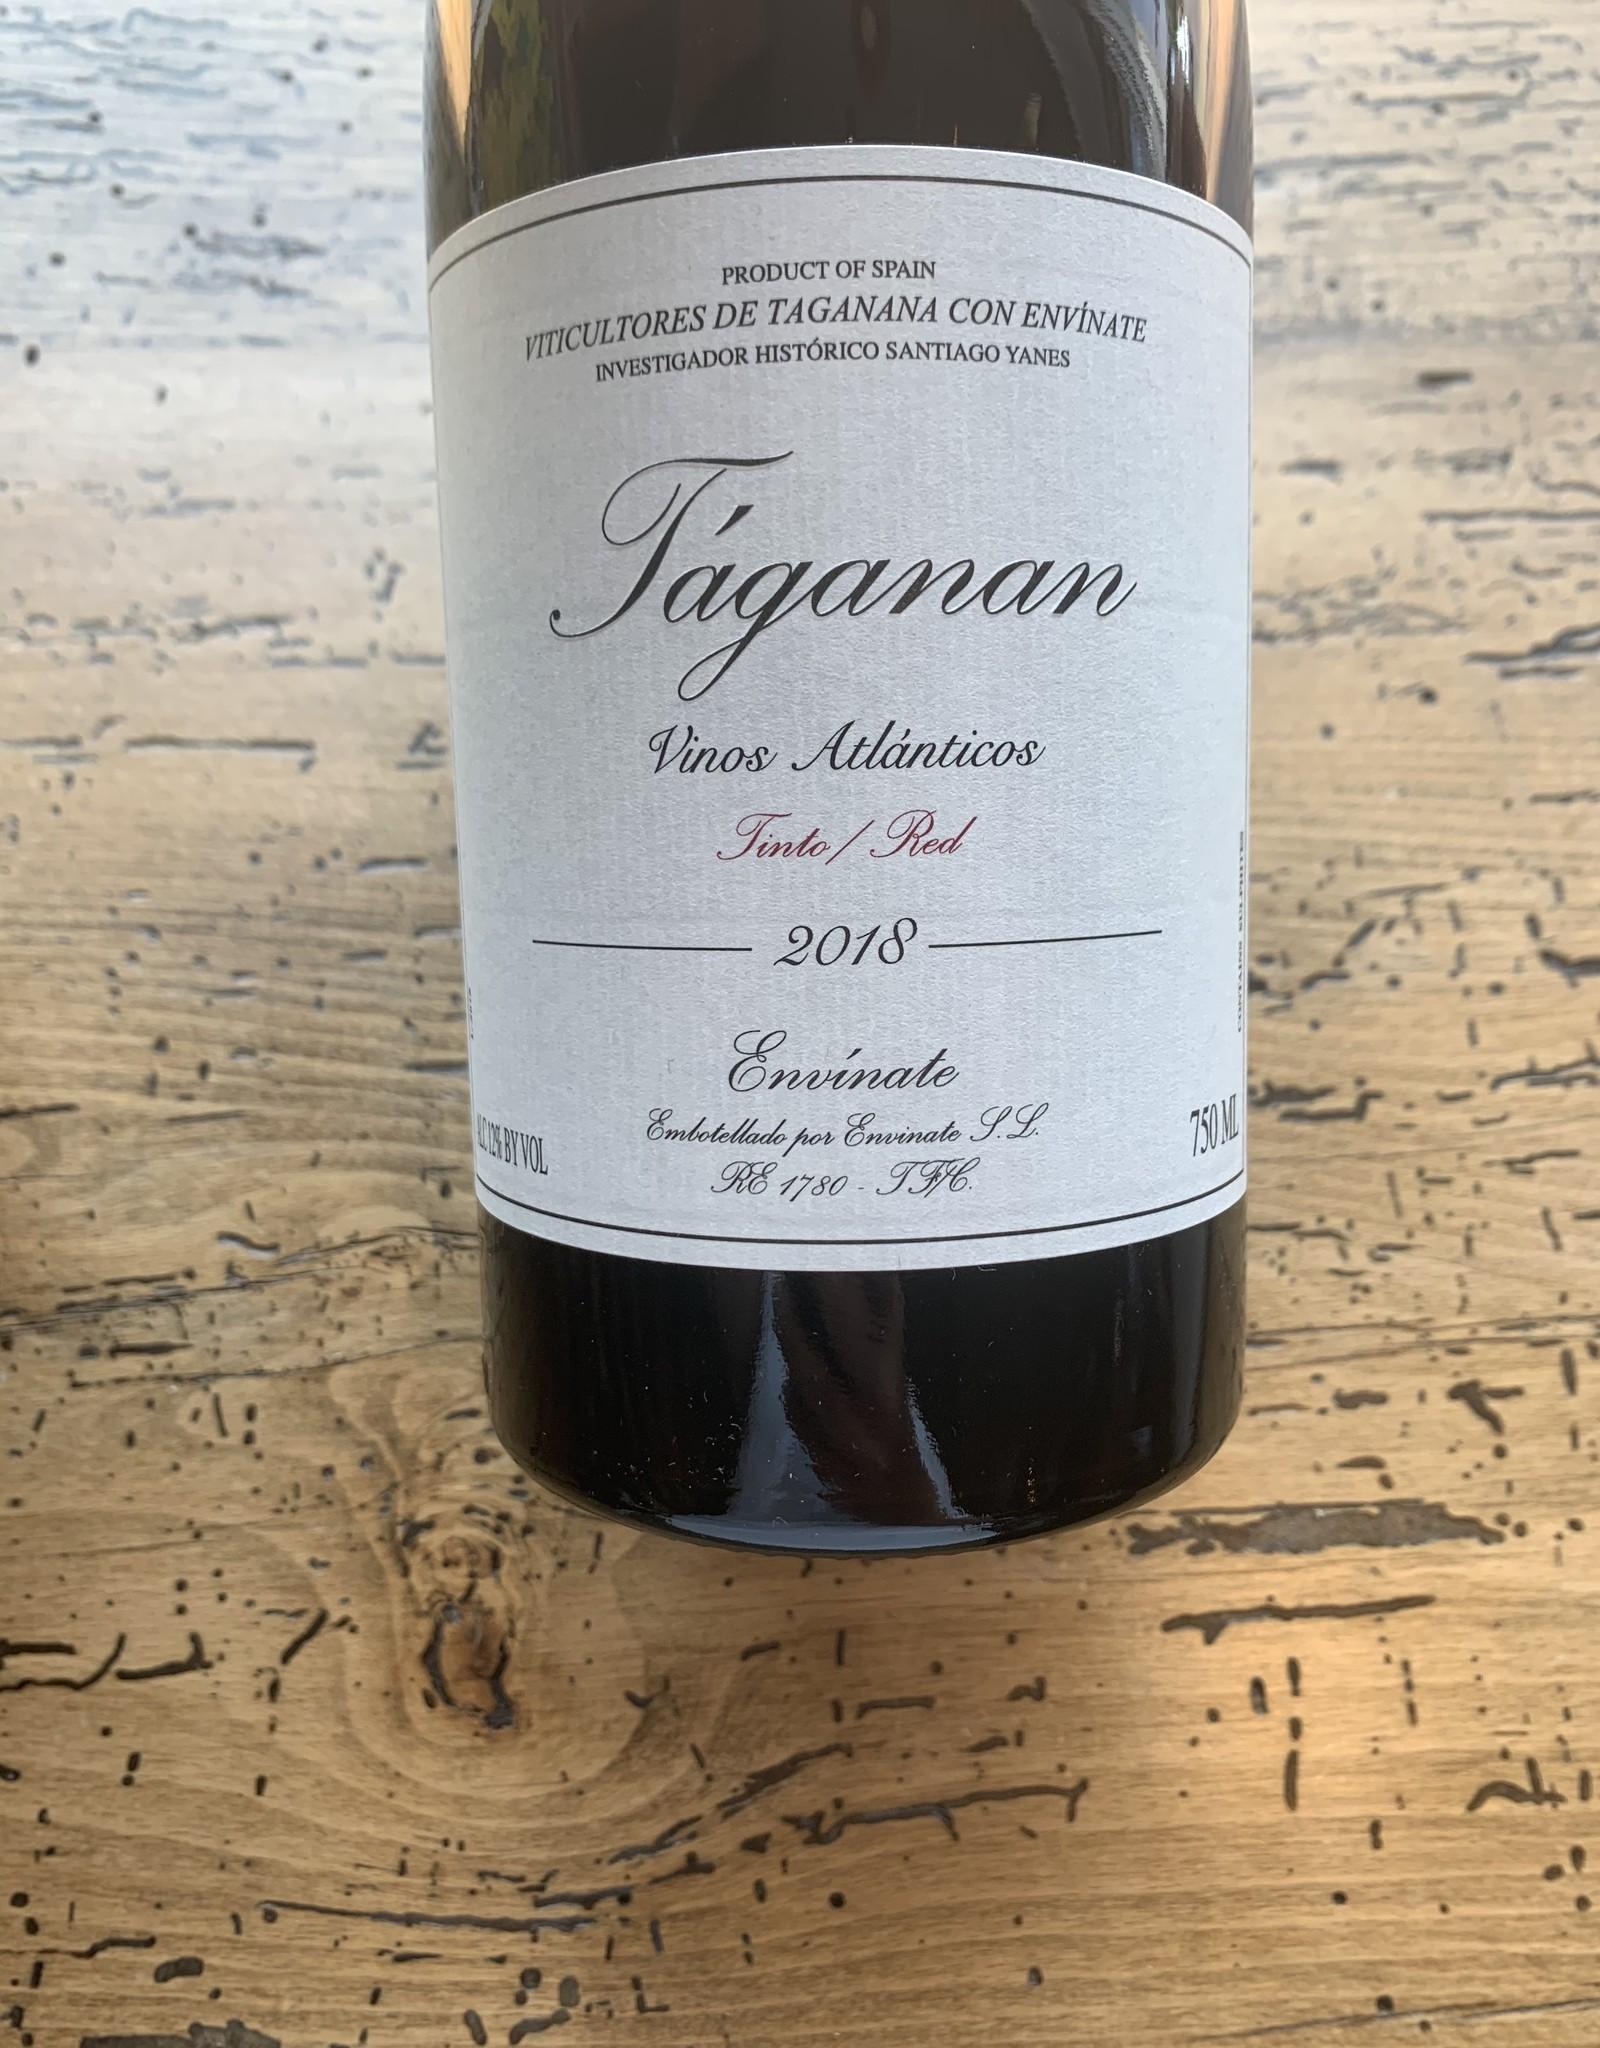 Envinate Taganan Vinos Atlanticos